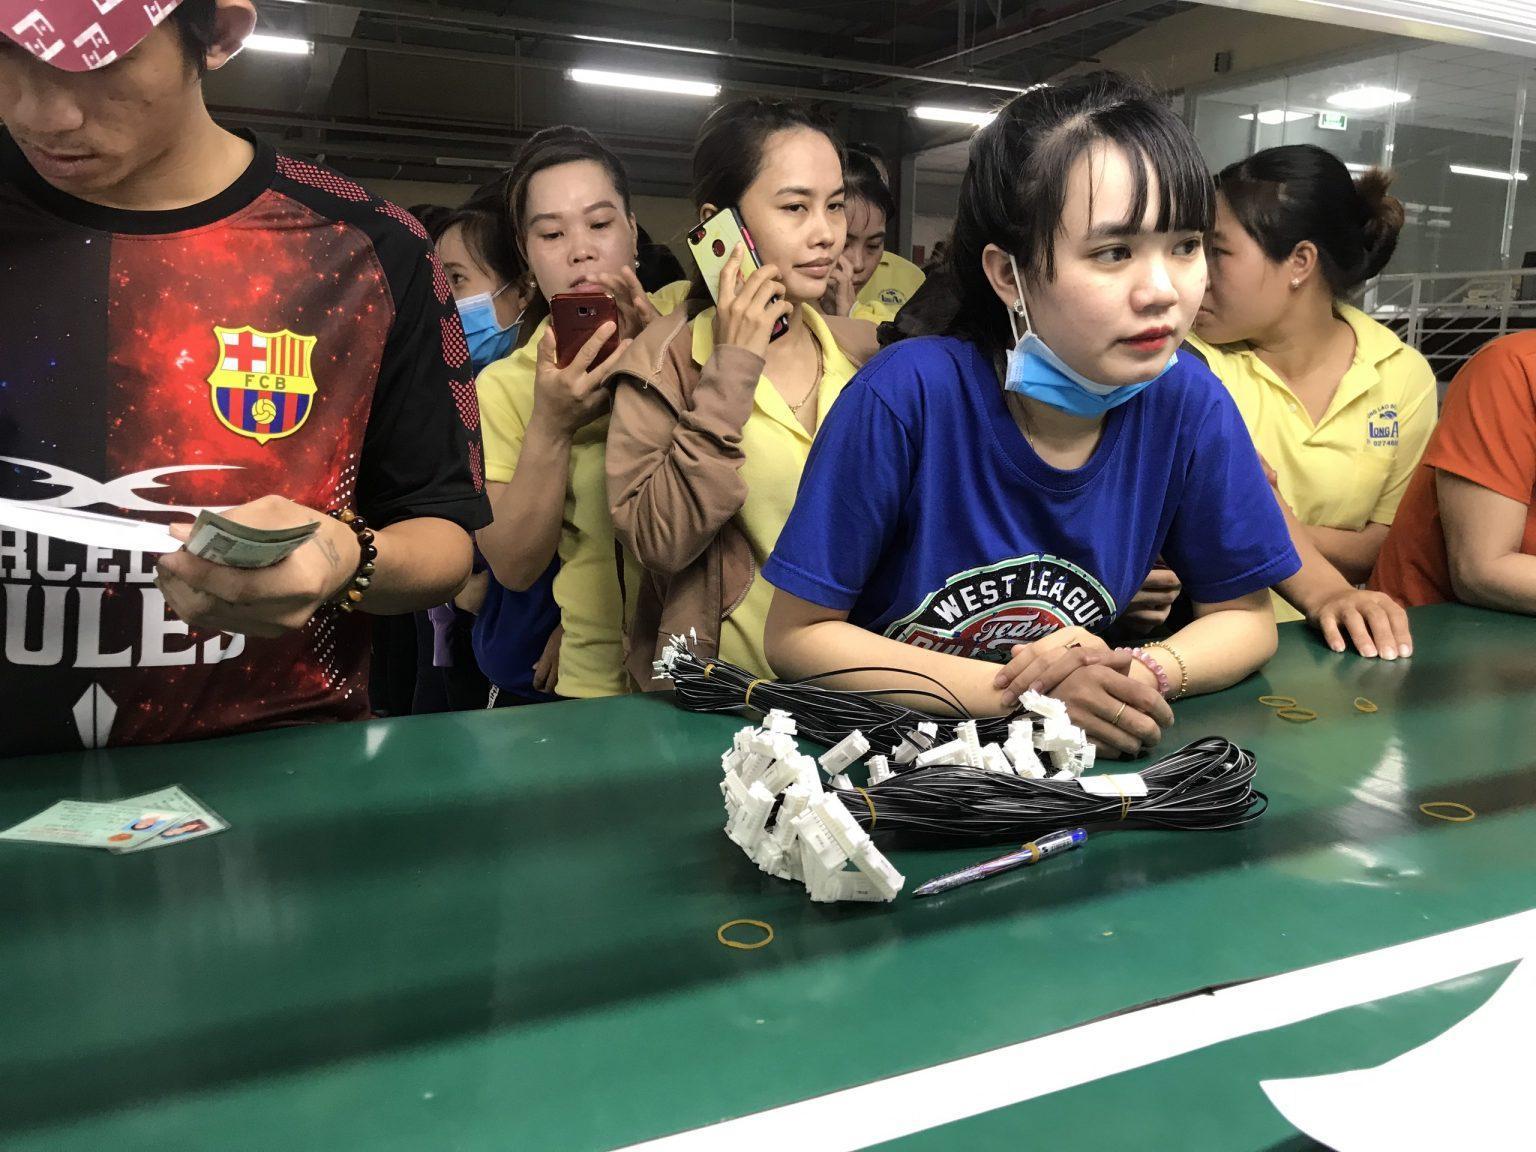 Dịch vụ bốc xếp hàng hóa tại Bình Phước – Hưng Thịnh Phú có nhiều điểm nổi bật.